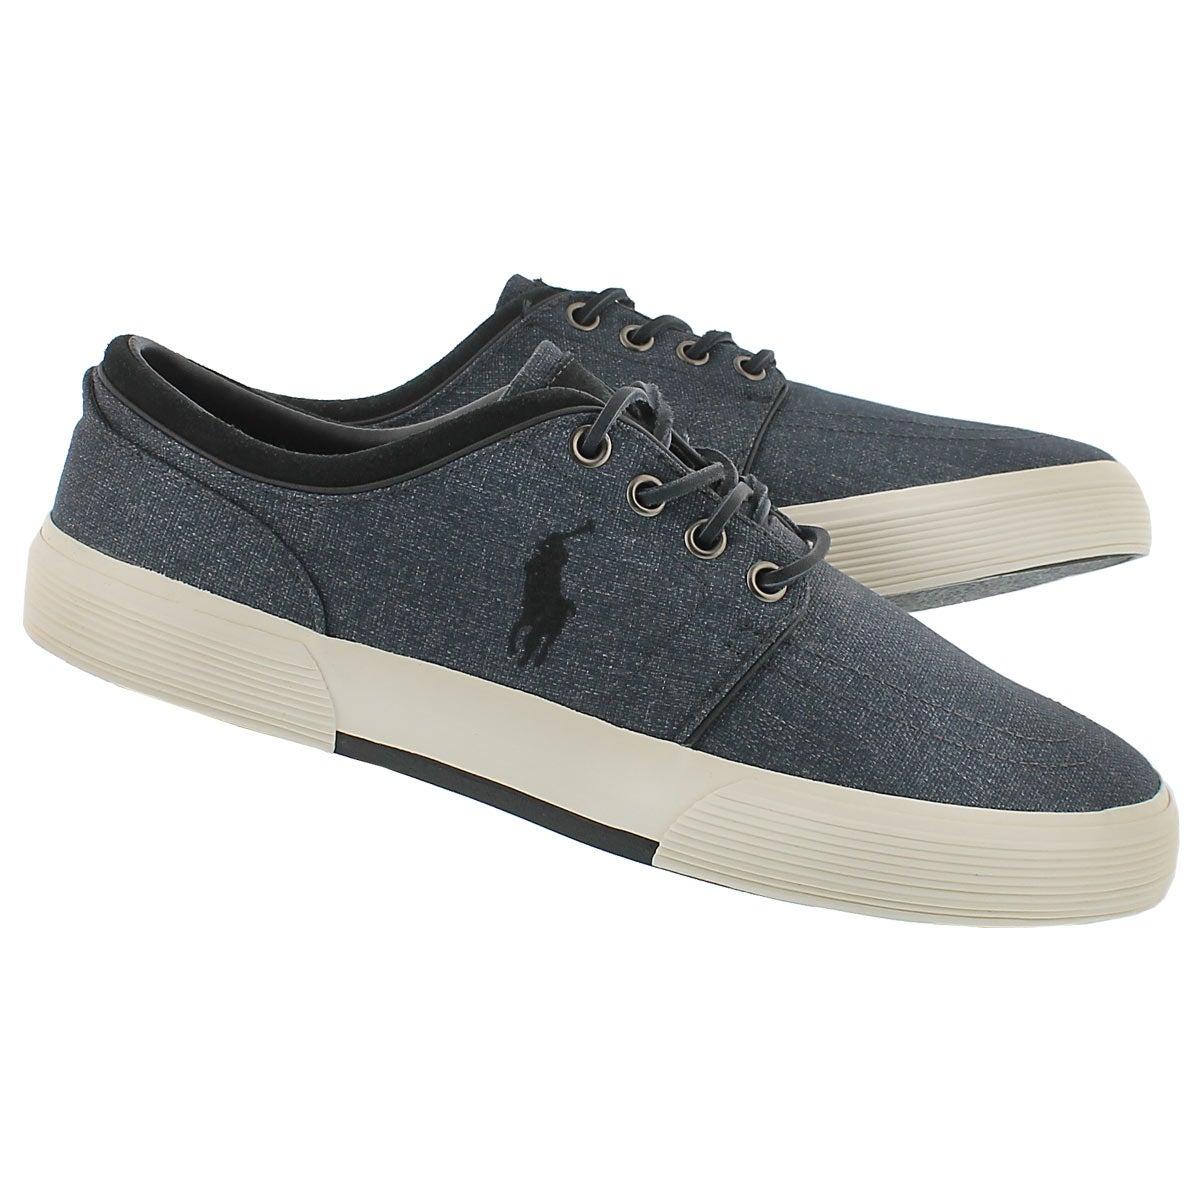 Mns Faxon Low gry heatherd nylon sneaker